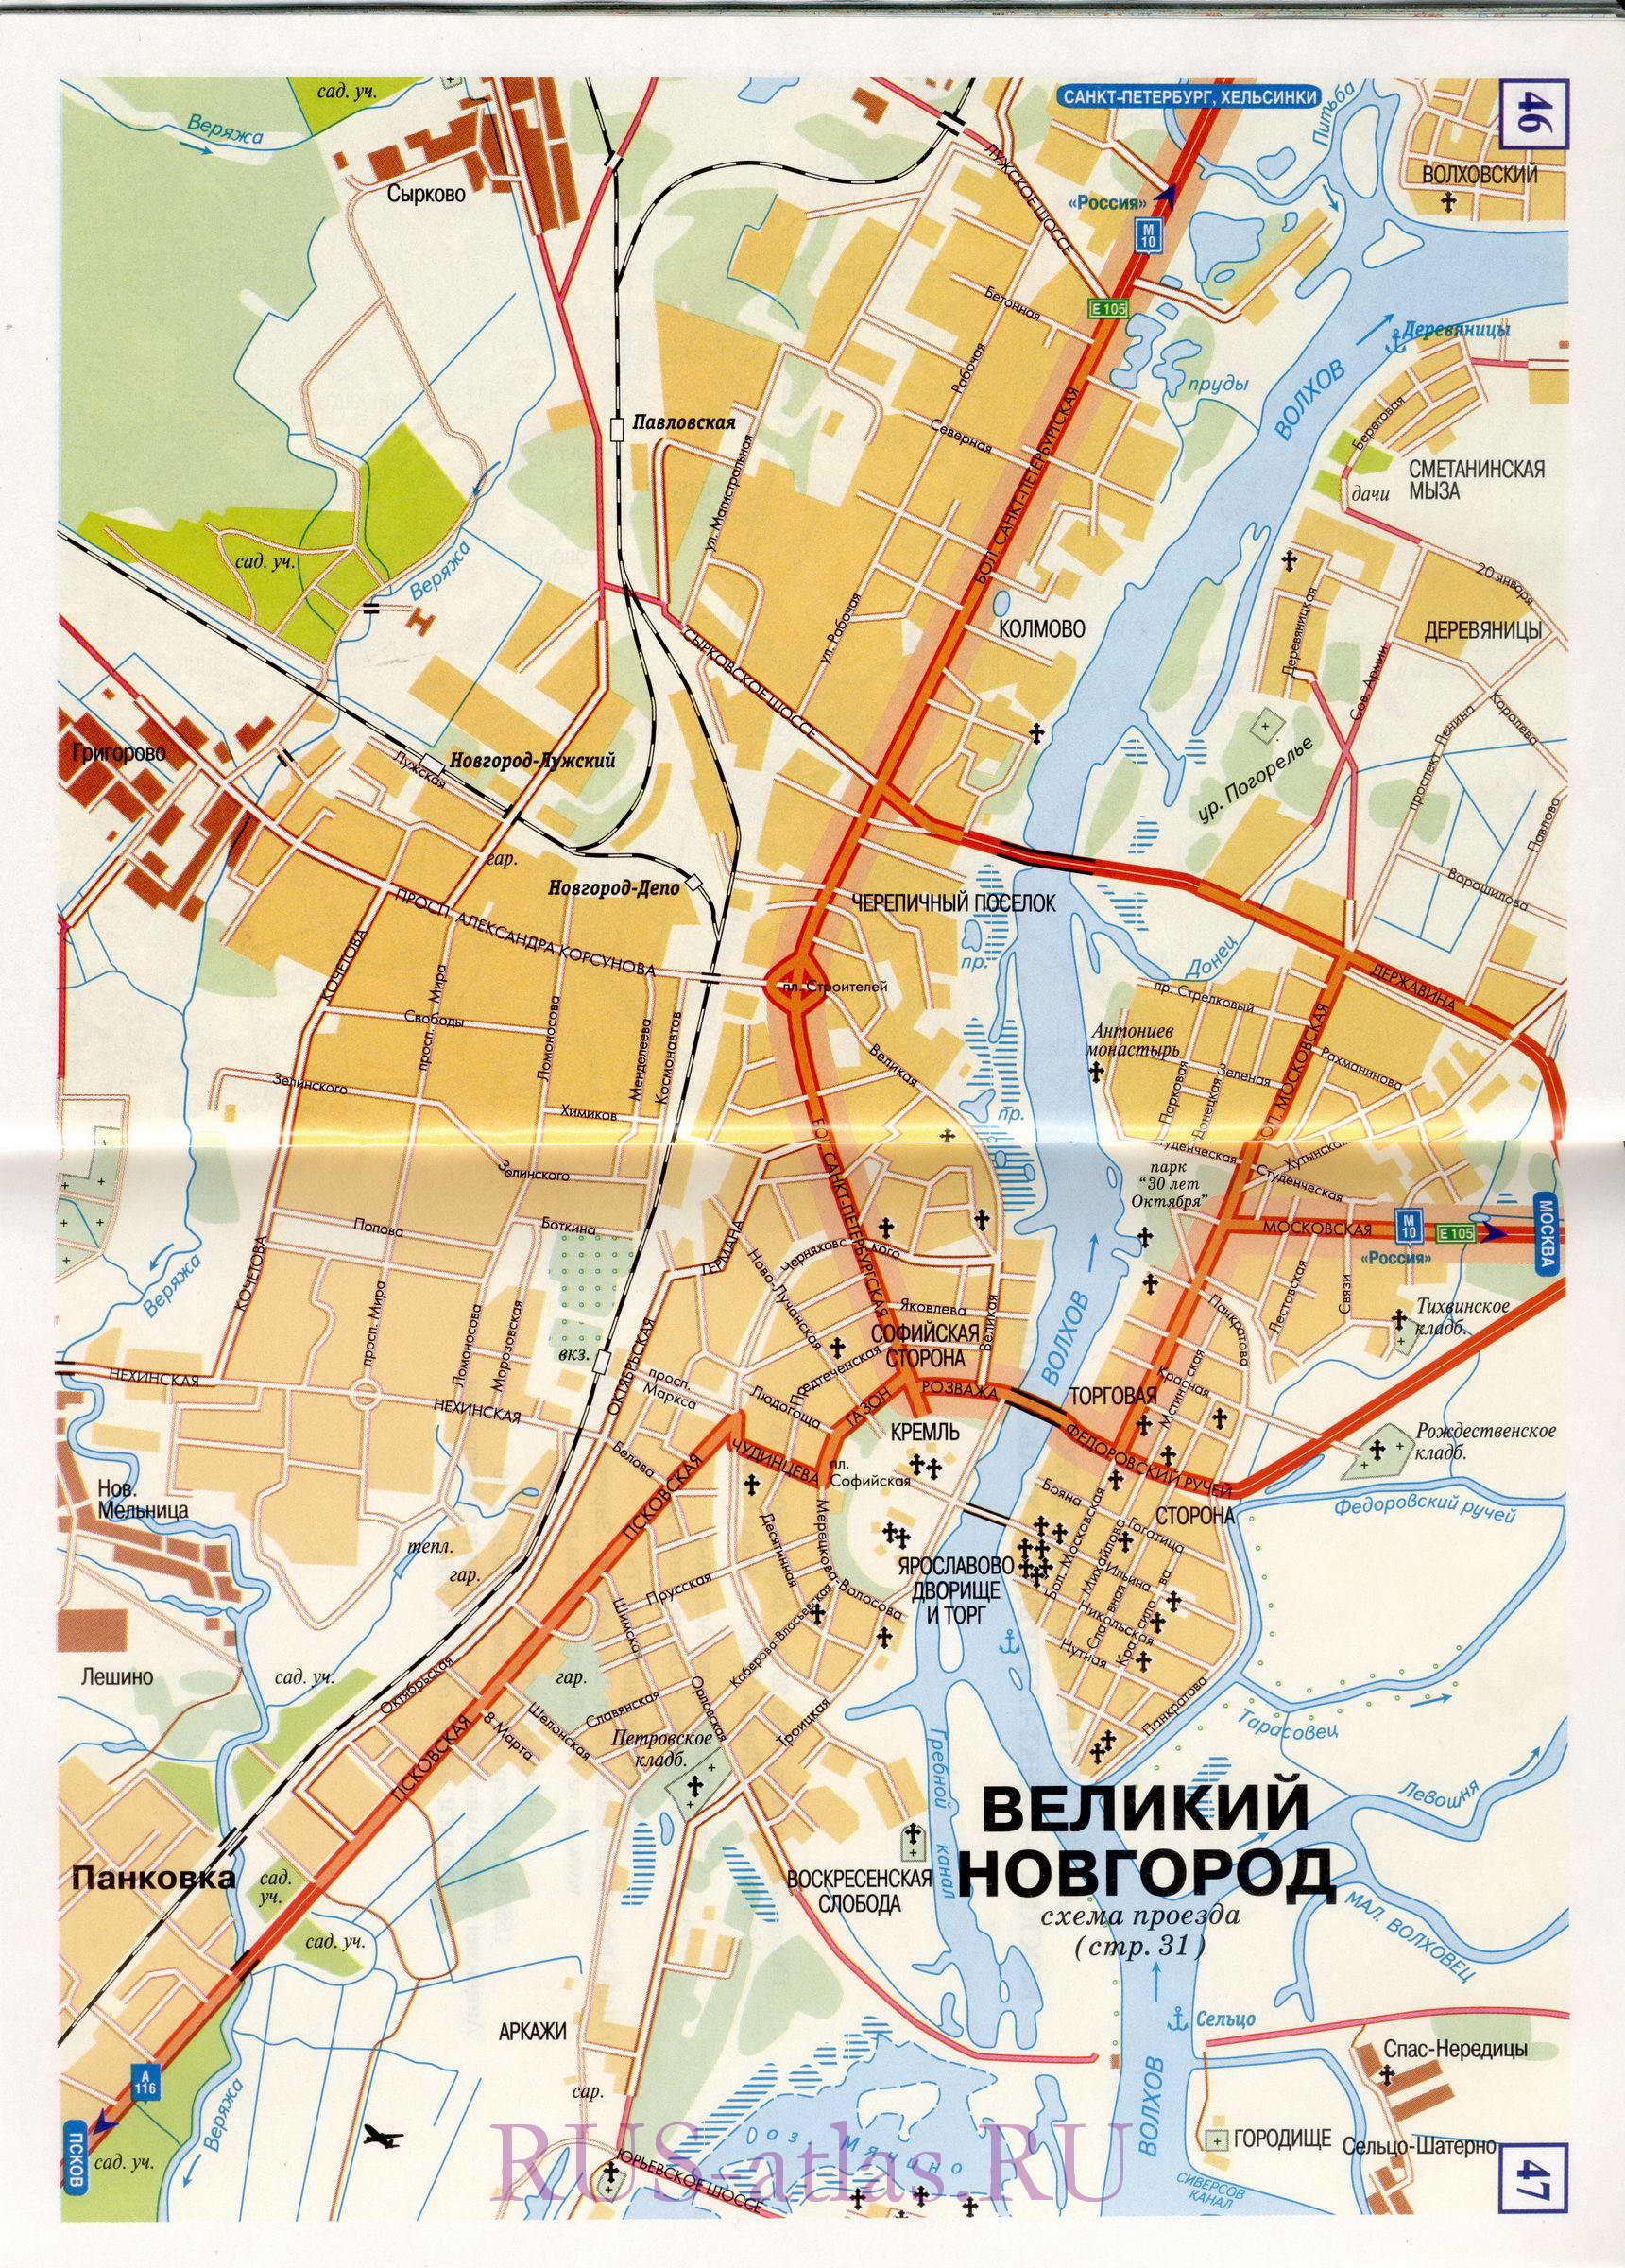 Подробная карта города Великий Новгород с названиями улиц и схемой проезда грузового транспорта.